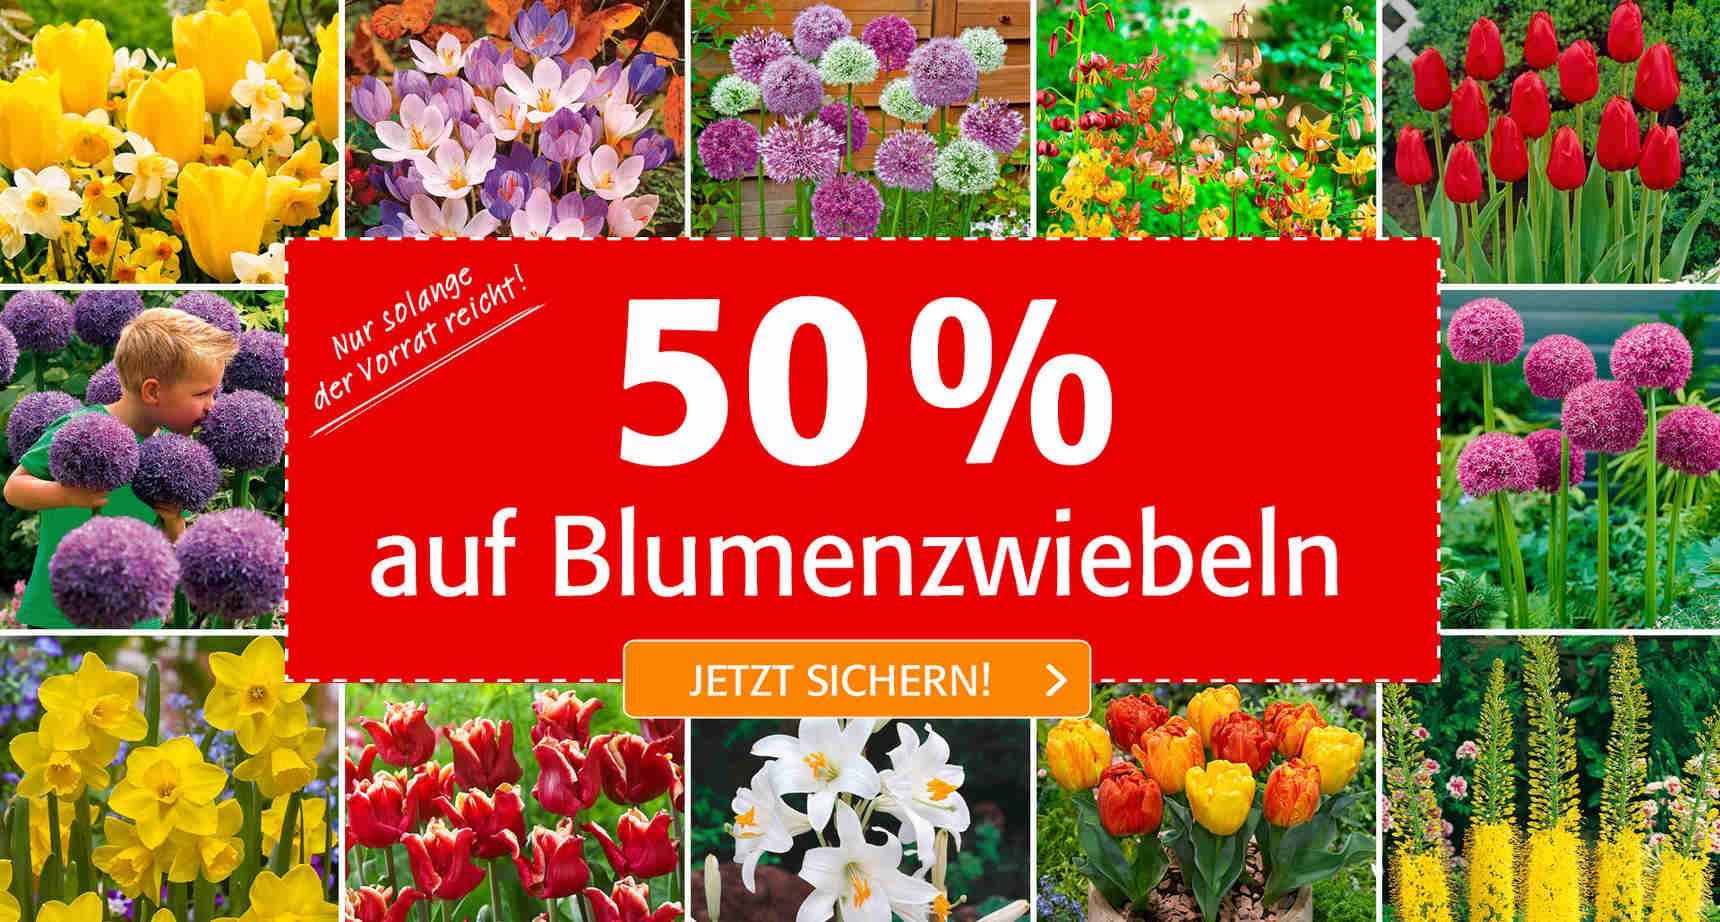 -50% Rabatt auf alle Blumenzwiebeln bei Pötschke.de